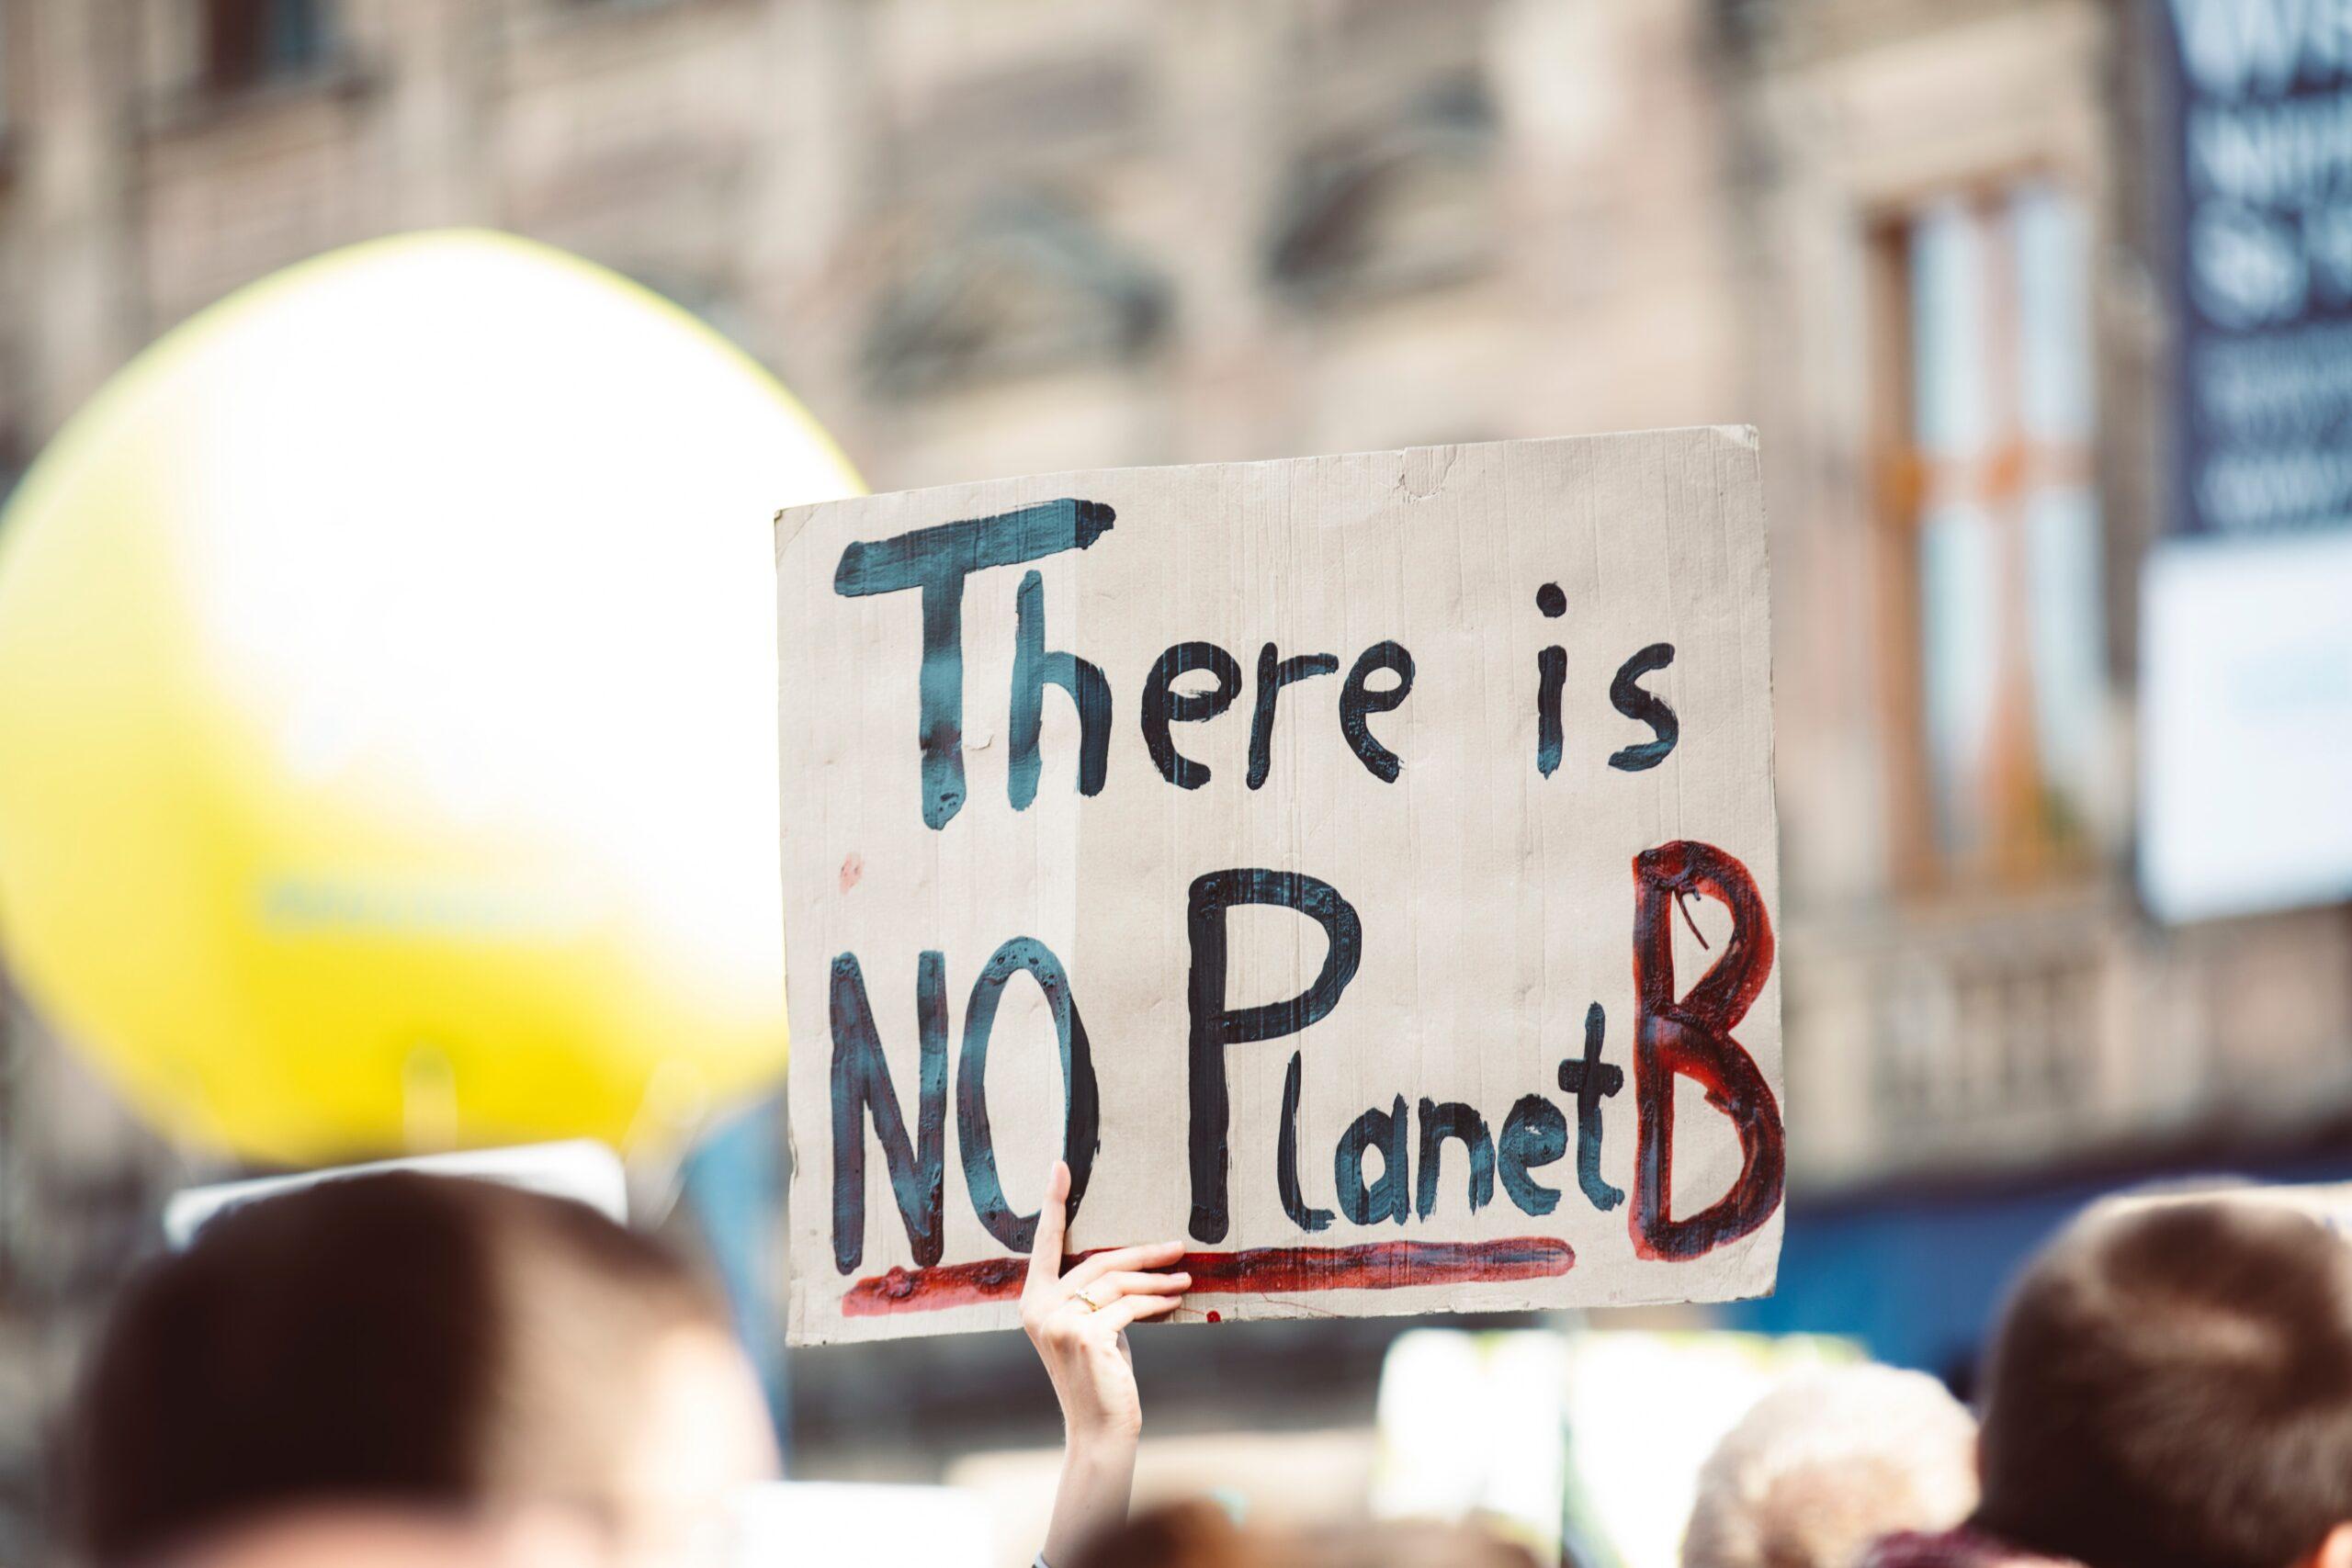 kauthar is een klimaat activist